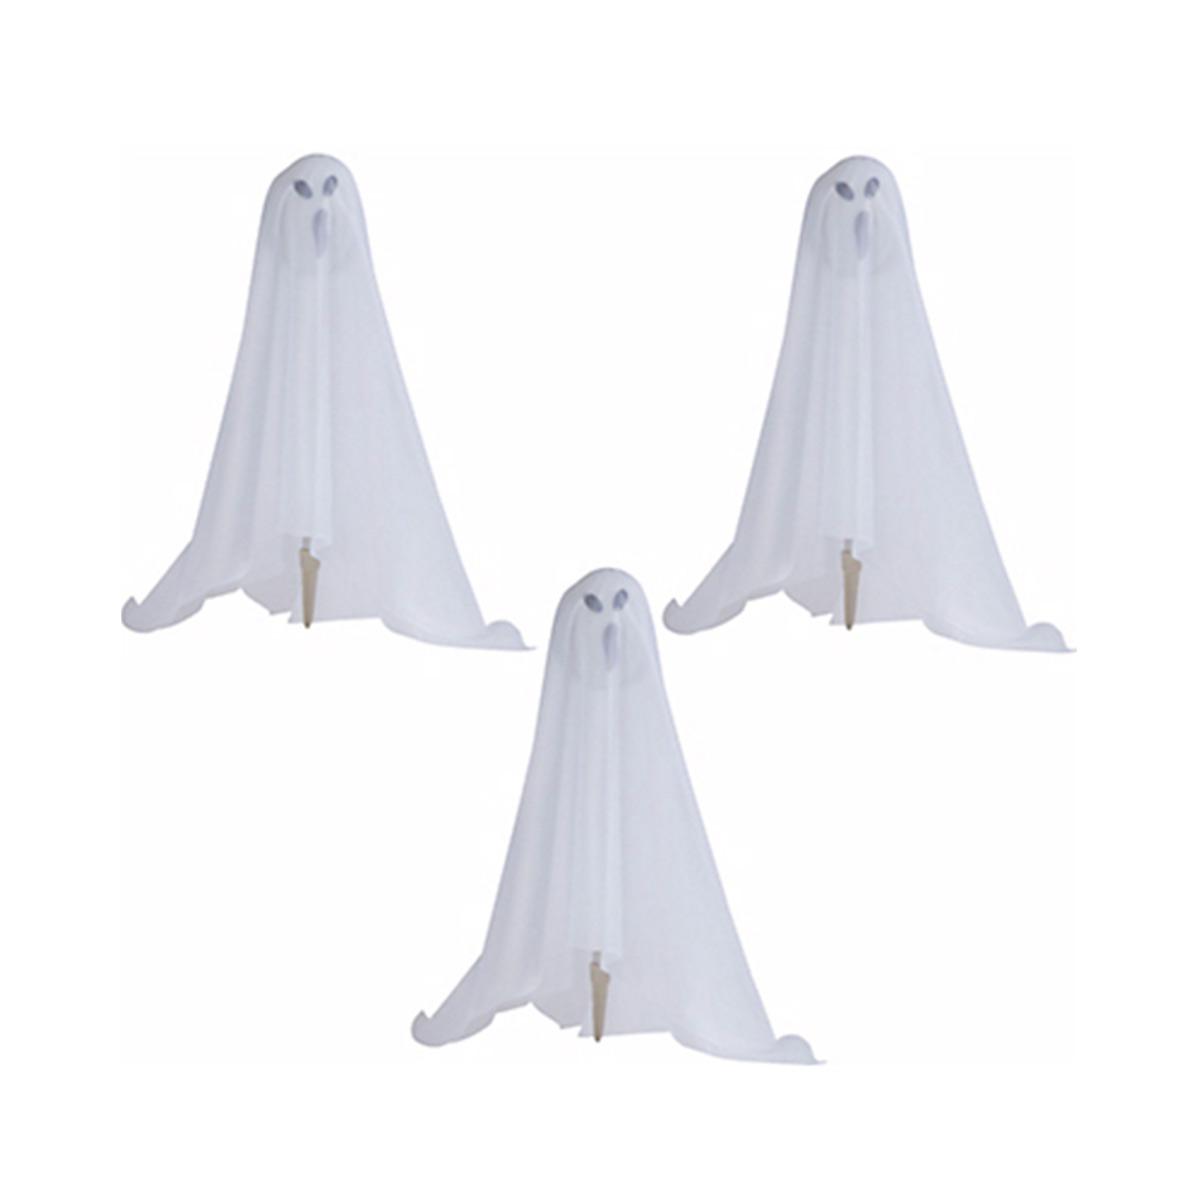 幽霊トリオ3体セット ハロウィン デコレーション お化け 人形 置き物 置物 屋外 お庭 装飾 飾り ゴースト ホラー インテリア